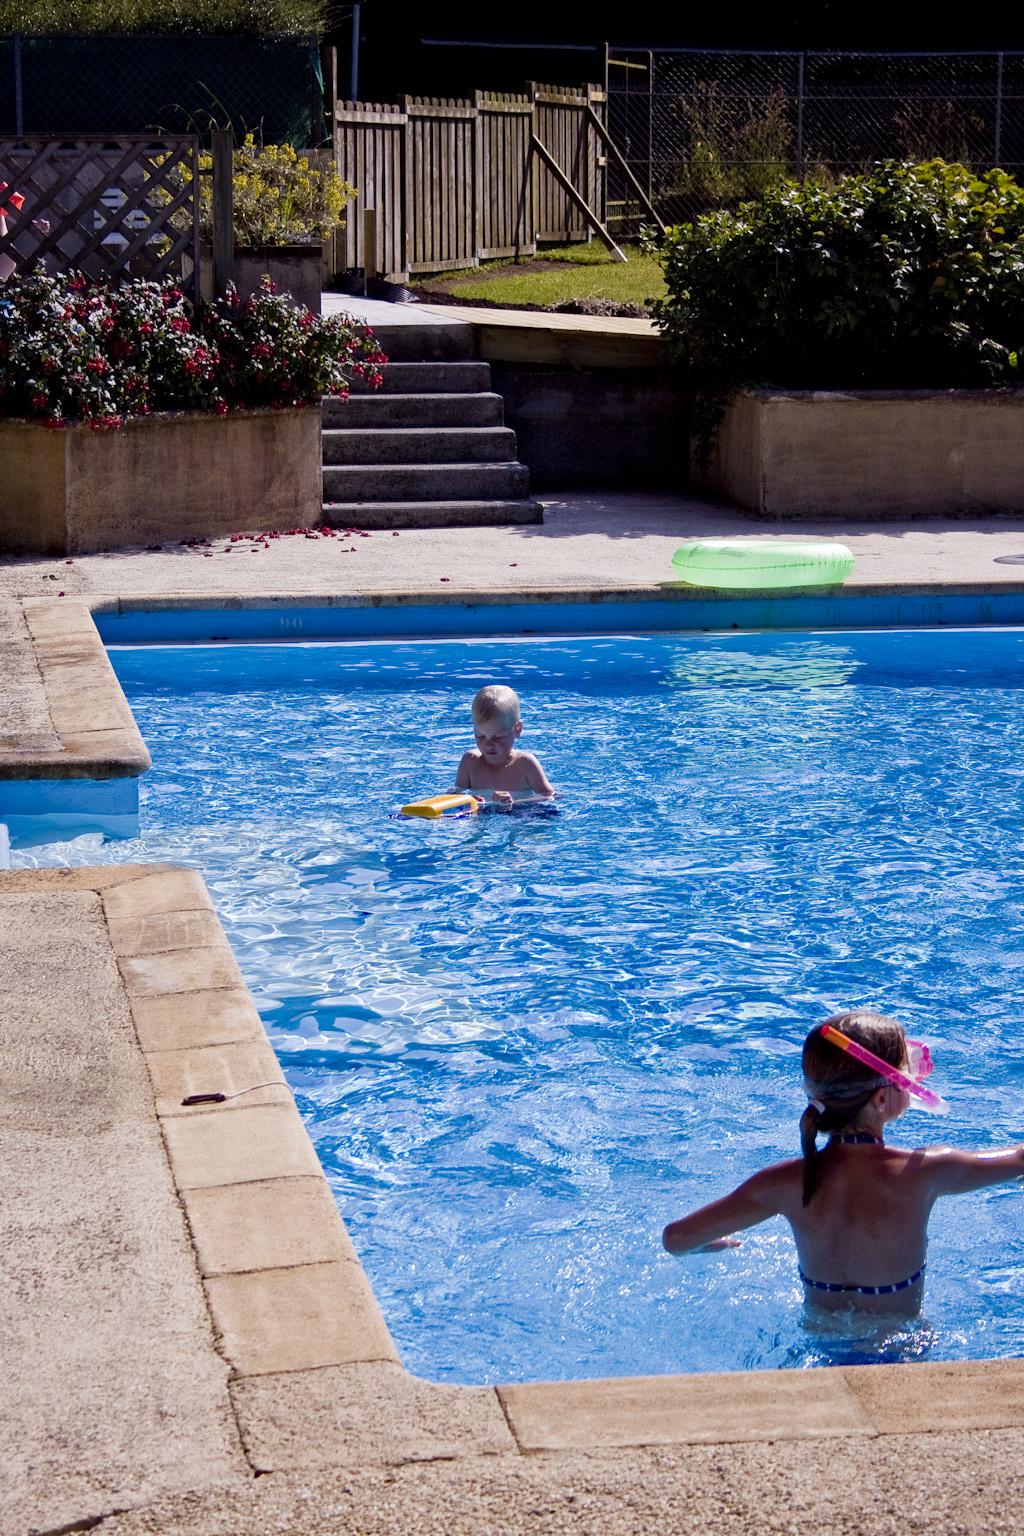 Equipement du domaine la piscine le tennis domaine for Equipement de piscine